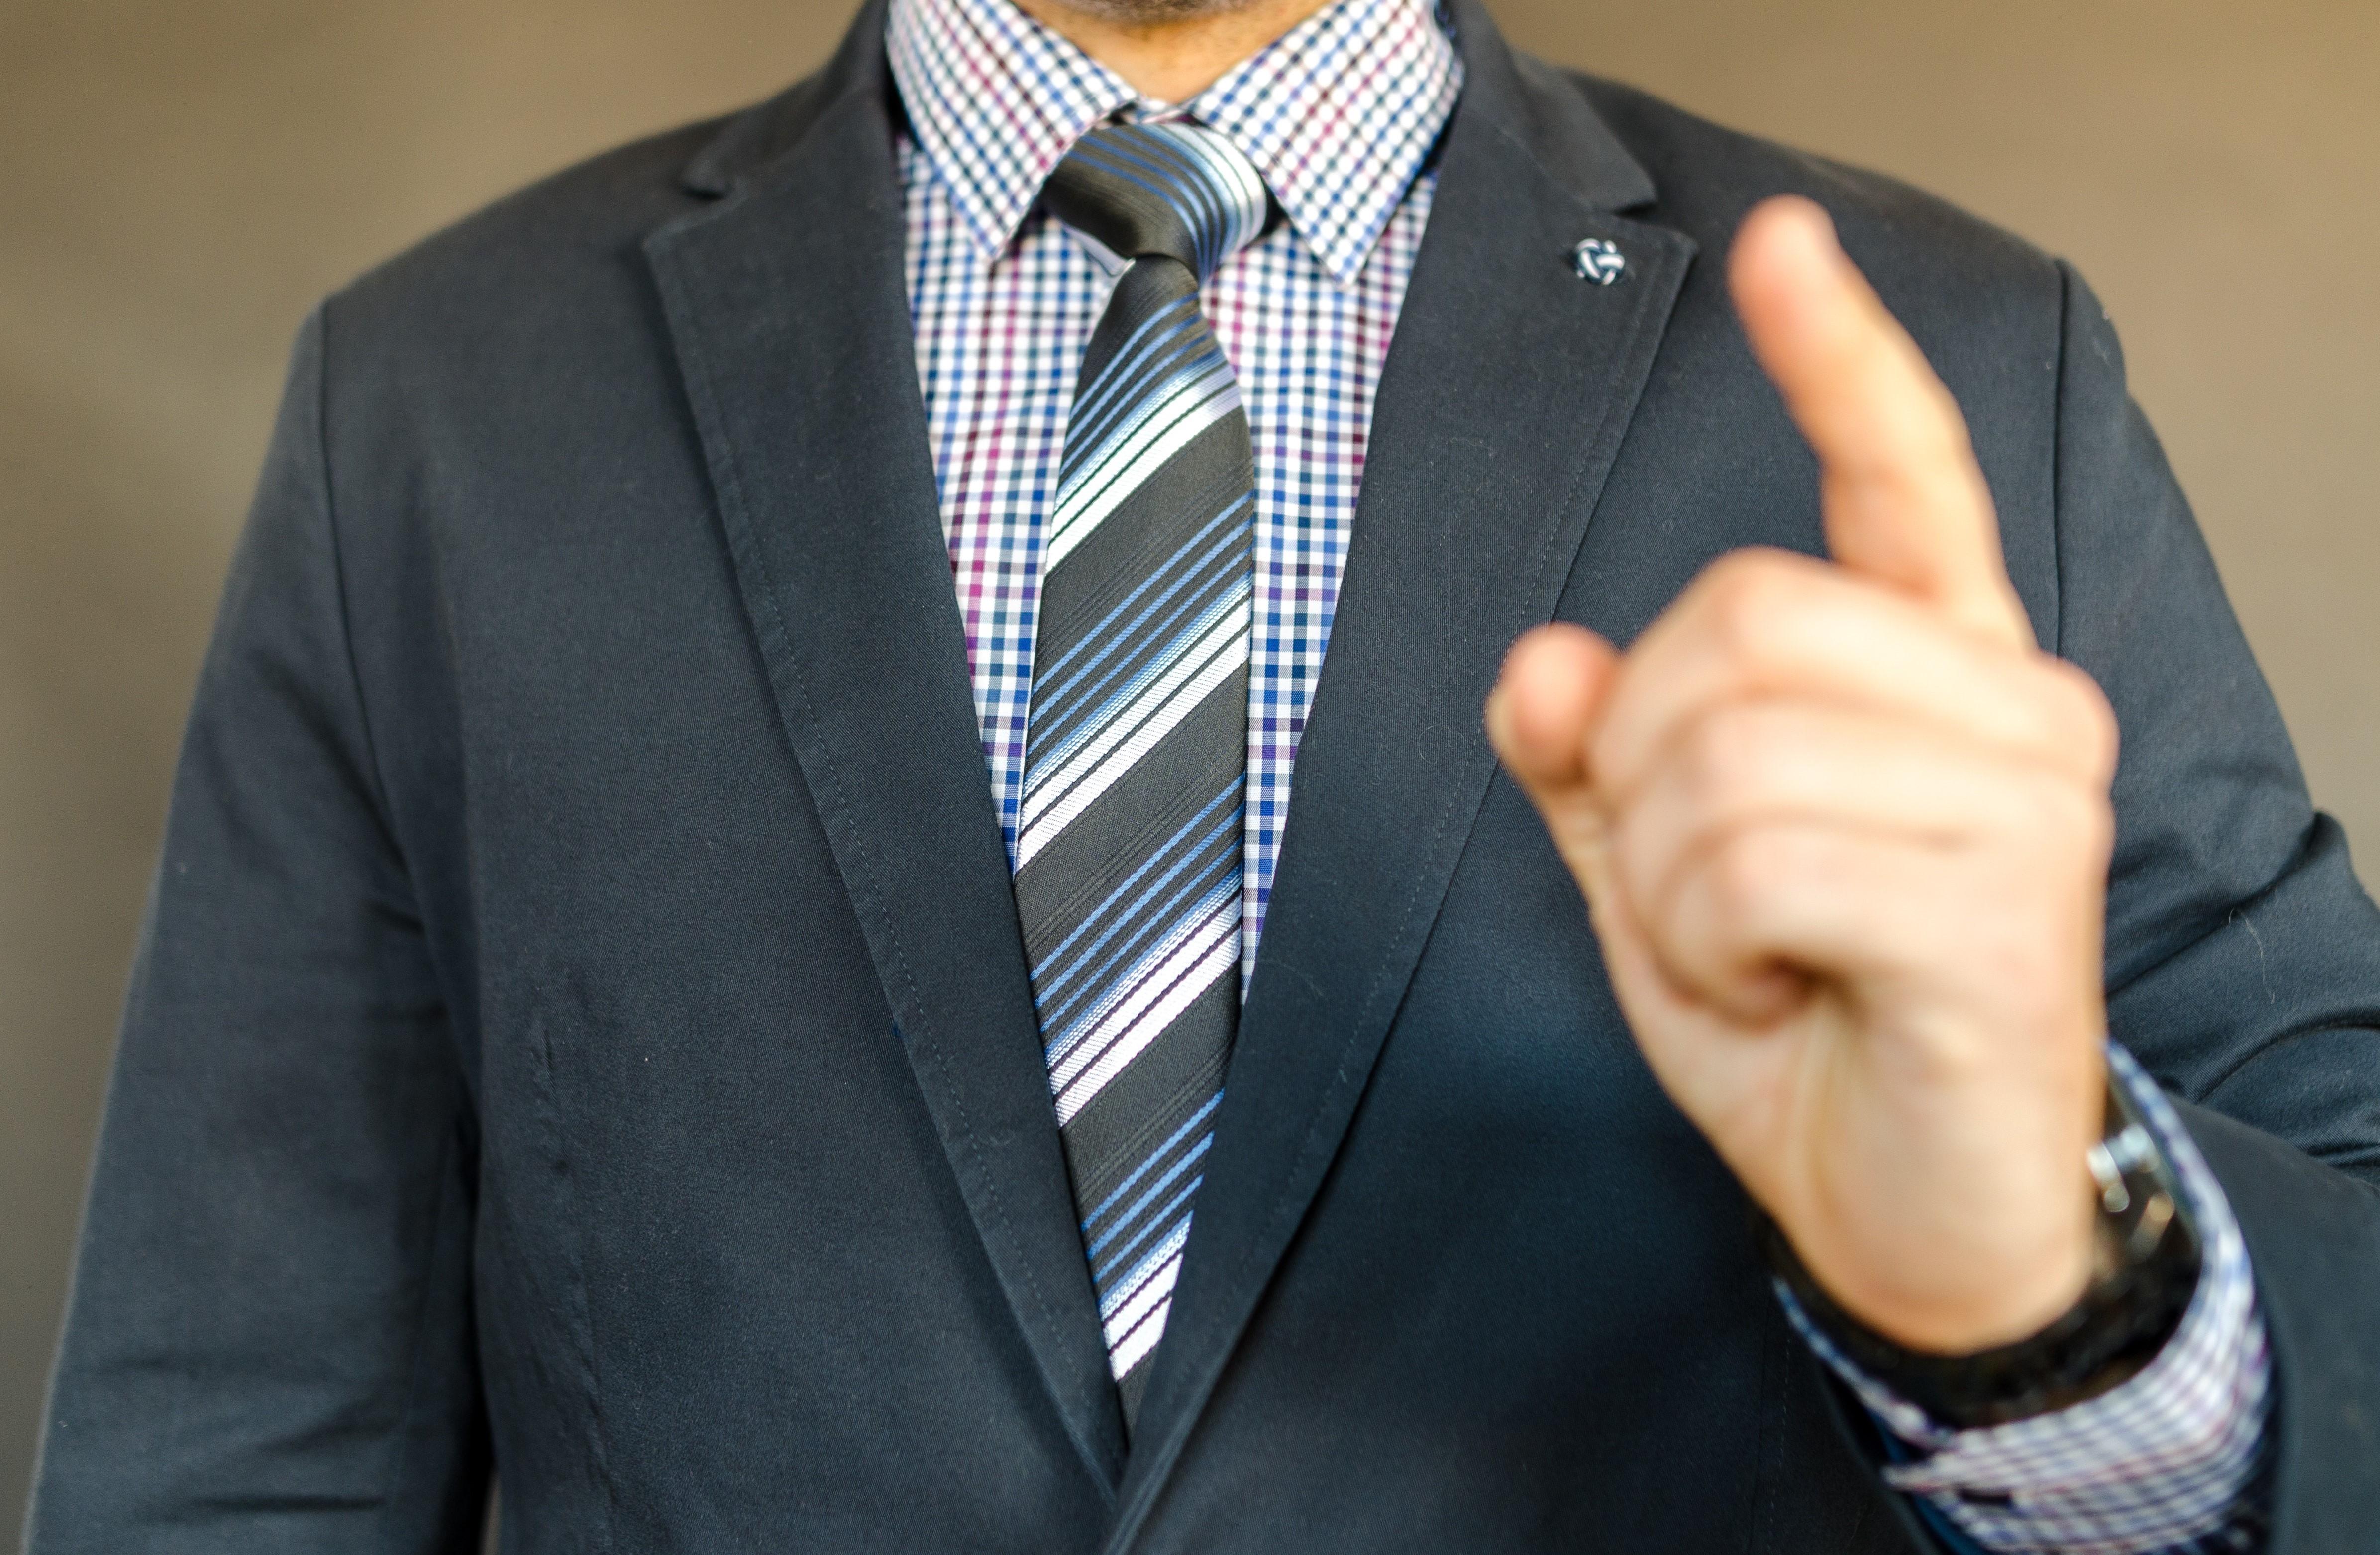 man-in-suit-652352